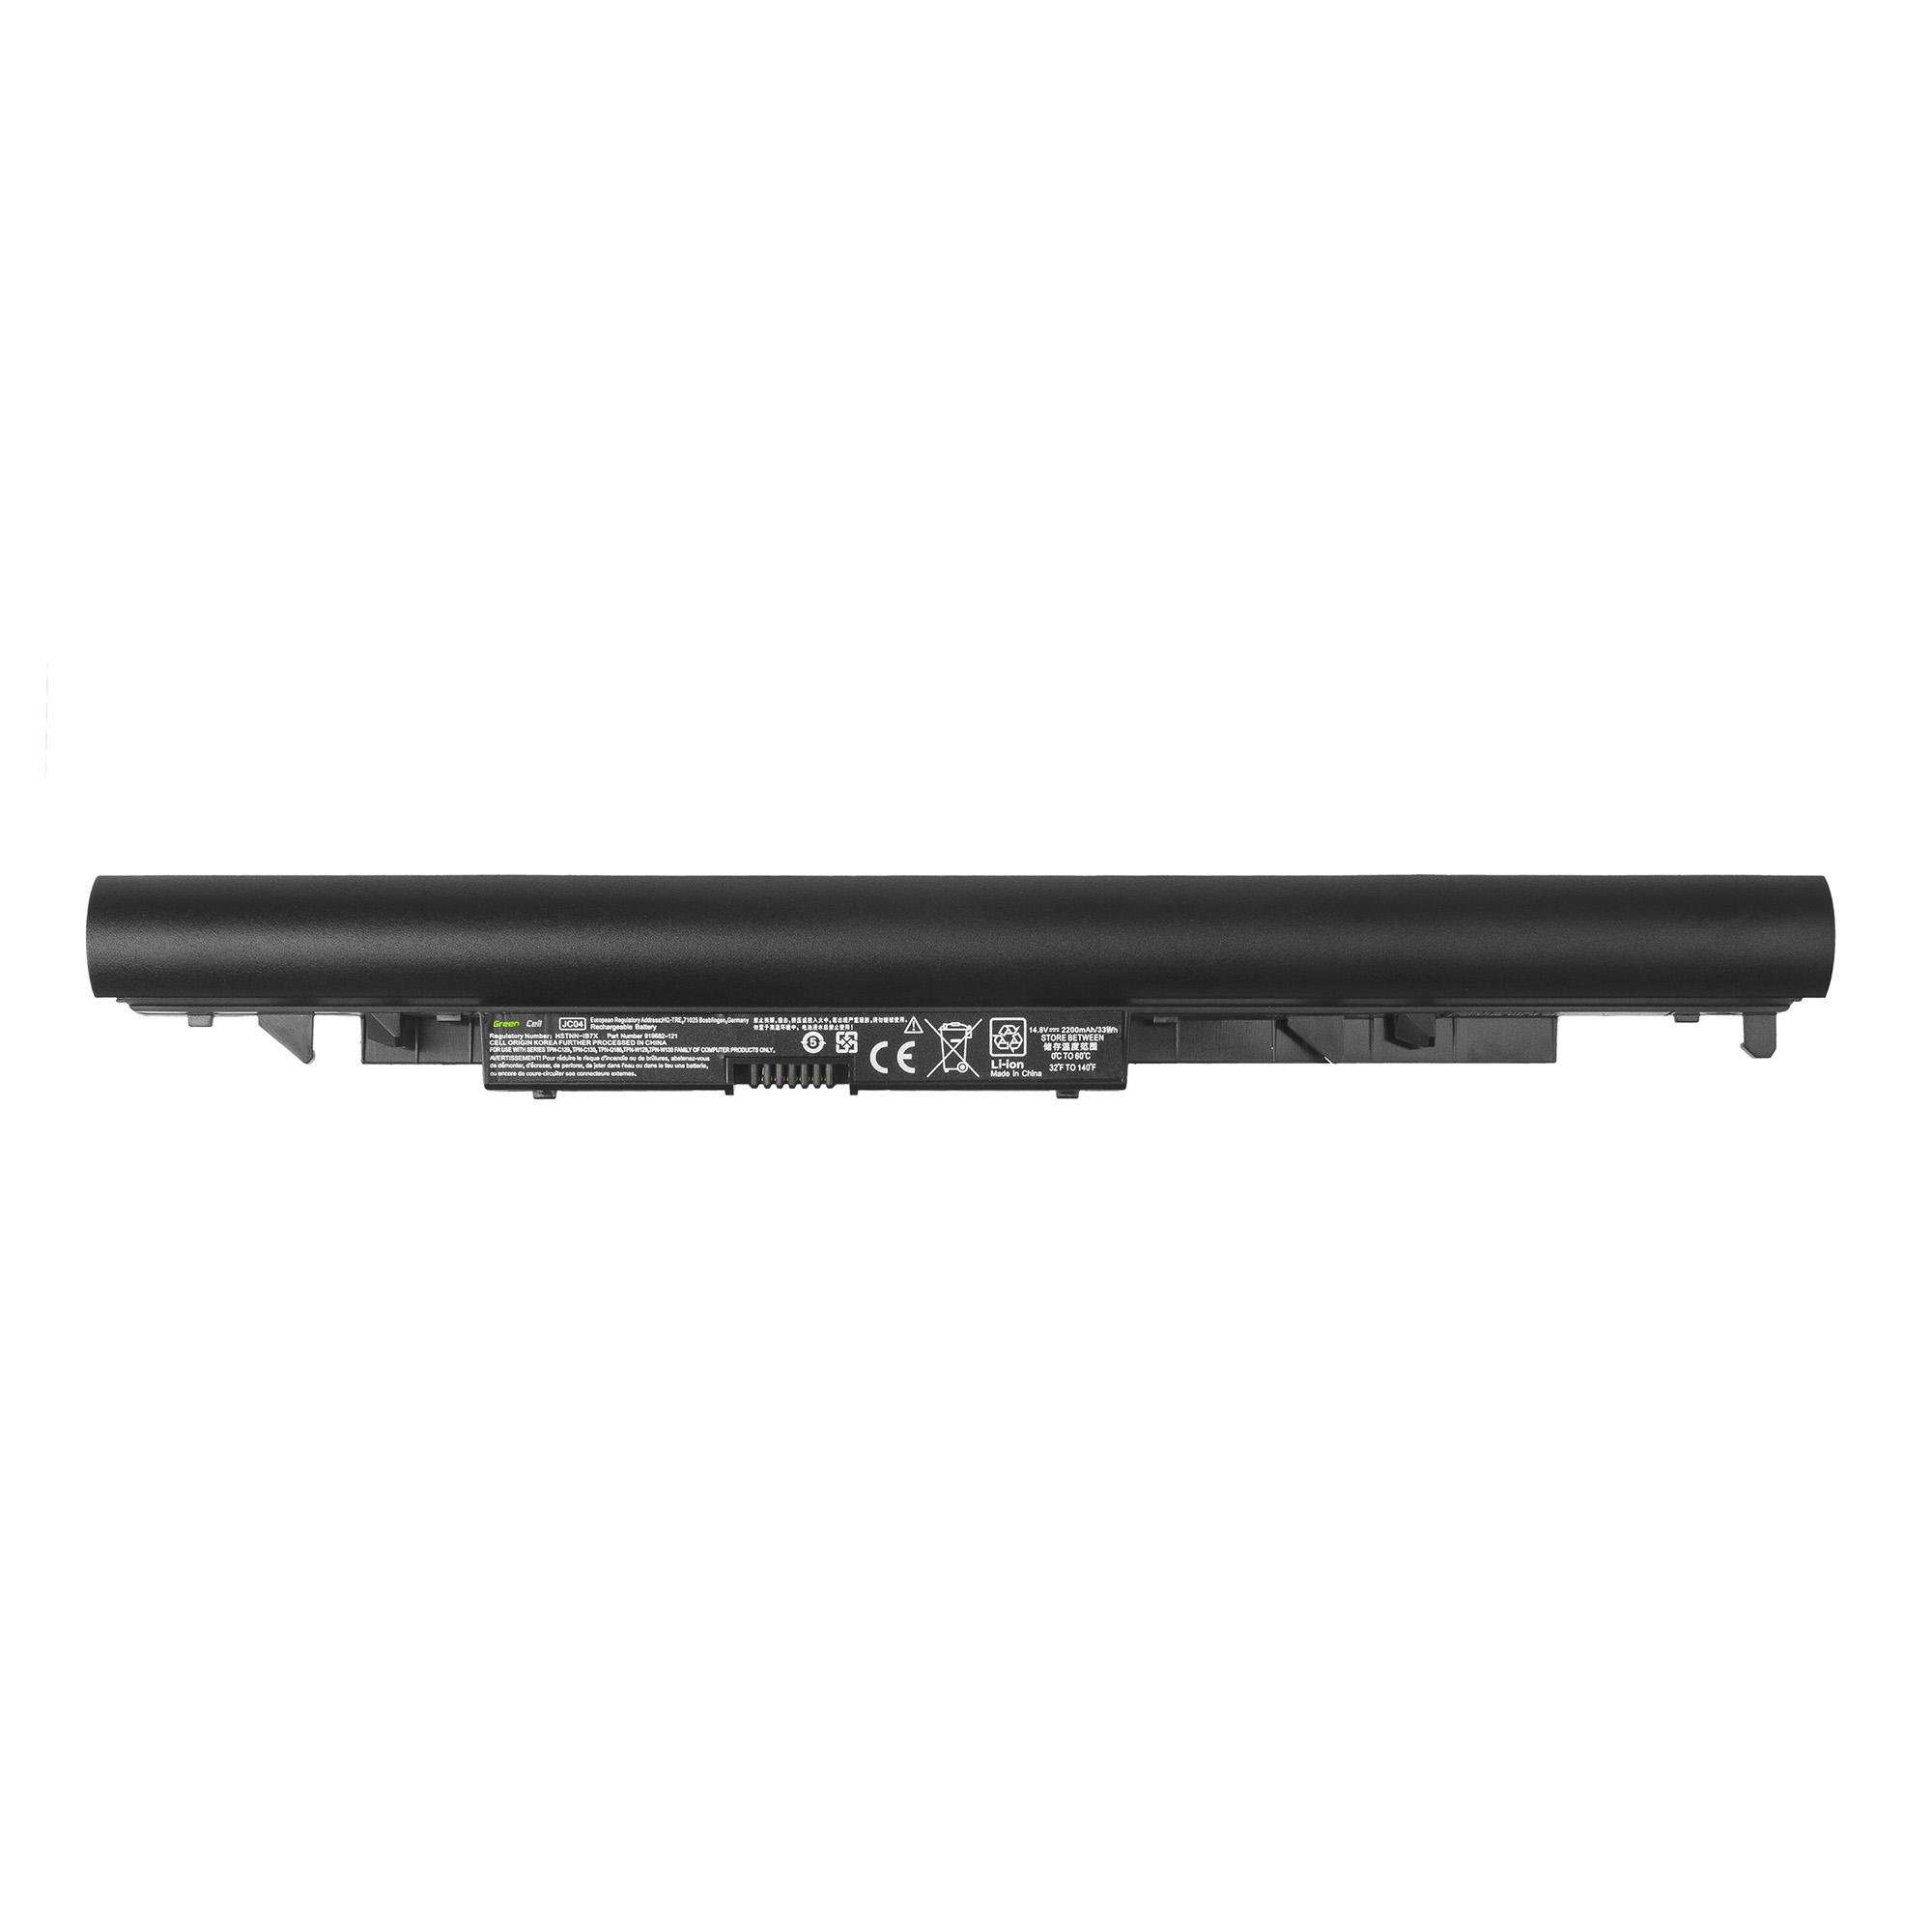 Batterie 2200mAh 14.8V pour ordinateur portable HP COMPAQ ENVY 17-K170NO